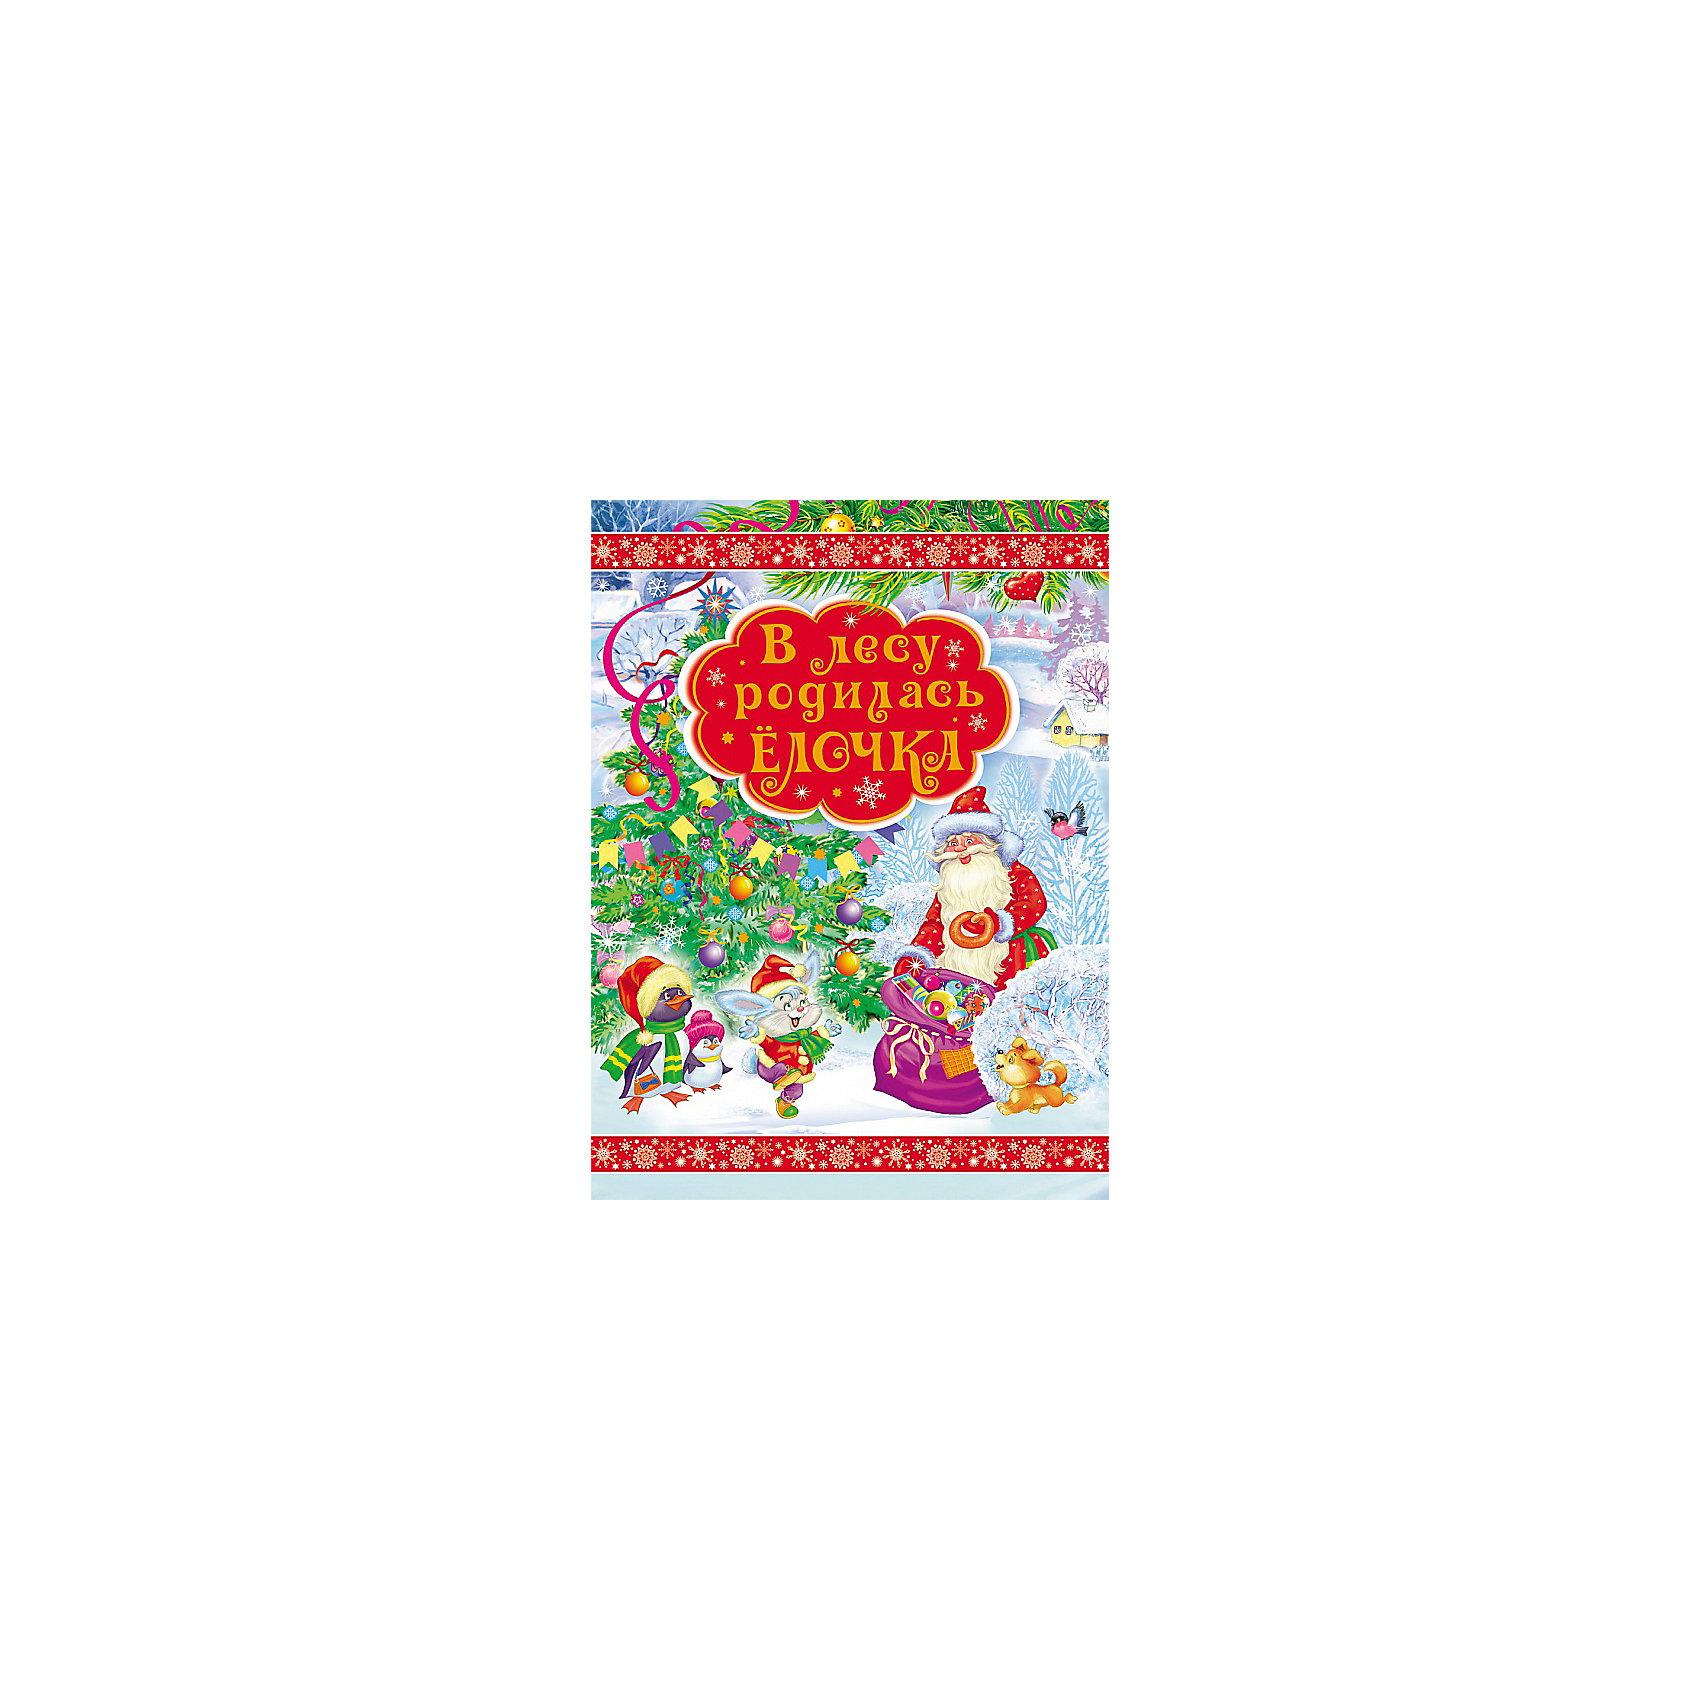 Сборник В лесу родилась елочкаВ сборник вошли самые любимые стихи, сказки и загадки про зиму и про Новый год. А благодаря великолепным иллюстрациям книга станет отличным новогодним подарком, которому, несомненно, порадуется каждый ребенок.<br><br>Дополнительная информация: <br><br>- Иллюстрации: цветные.<br>- Формат: 20х26  см.<br>- Переплет: твердый.<br>- Количество страниц: 48 <br><br>Сборник В лесу родилась елочка можно купить в нашем магазине.<br><br>Ширина мм: 263<br>Глубина мм: 200<br>Высота мм: 9<br>Вес г: 279<br>Возраст от месяцев: 12<br>Возраст до месяцев: 72<br>Пол: Унисекс<br>Возраст: Детский<br>SKU: 4323876